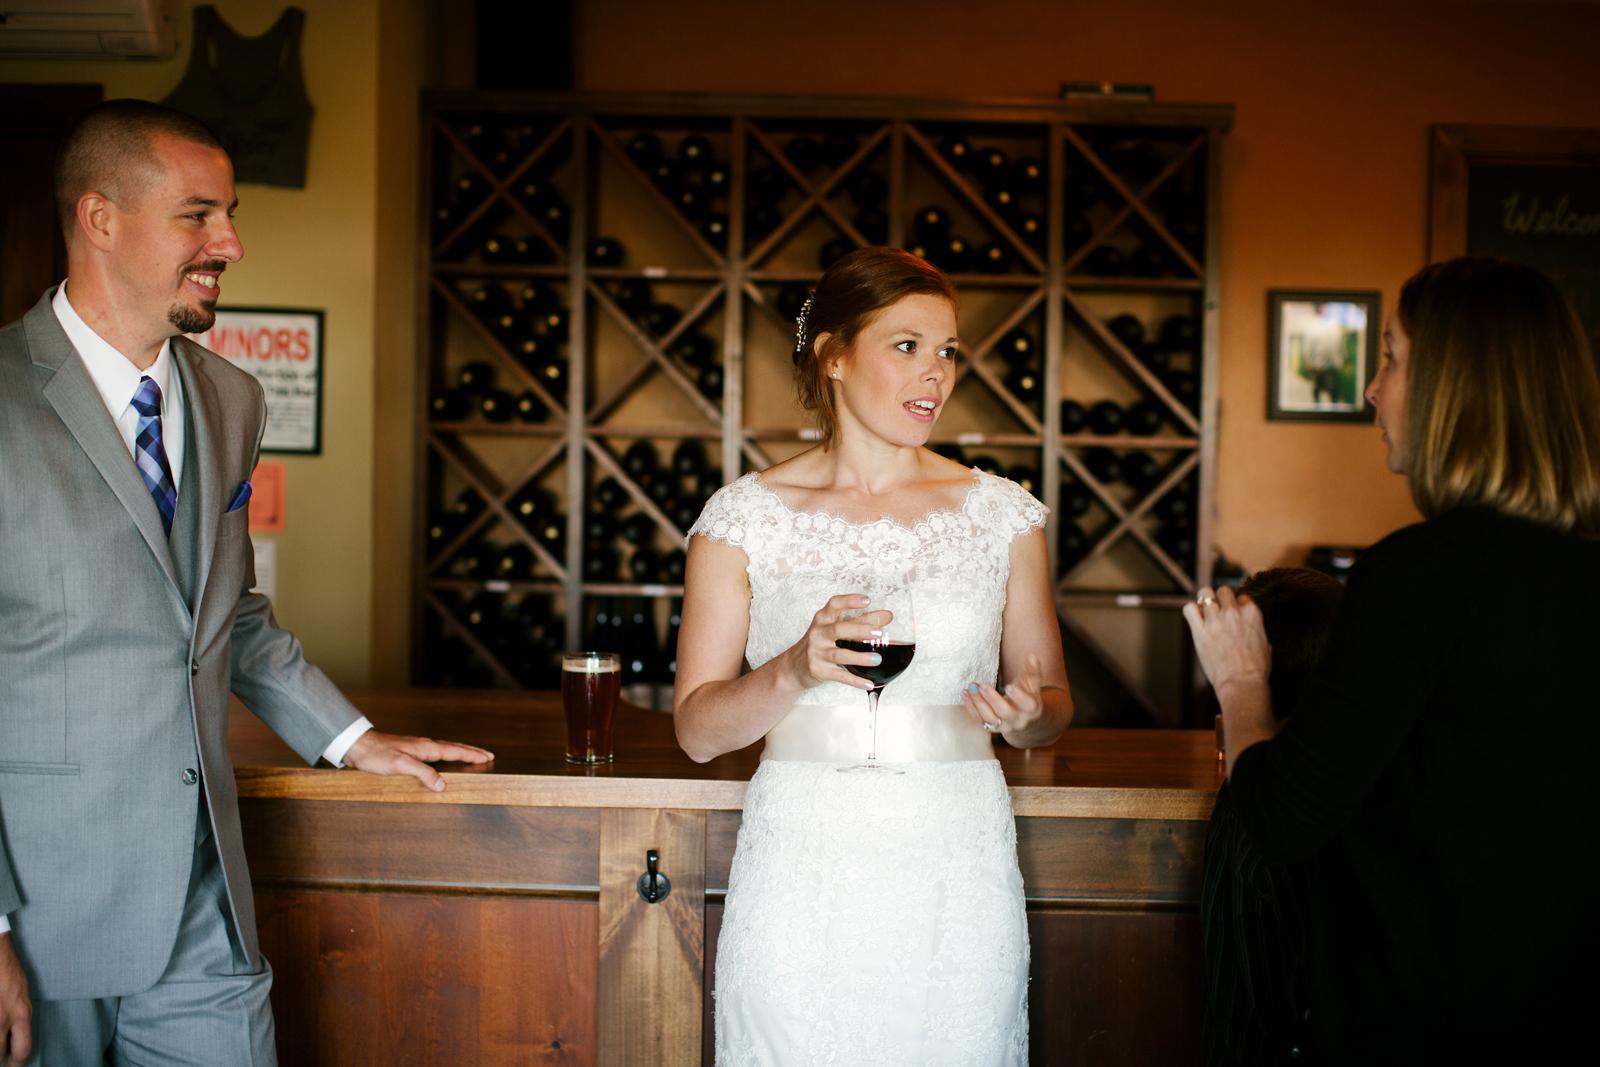 058-daronjackson-rich-wedding.jpg